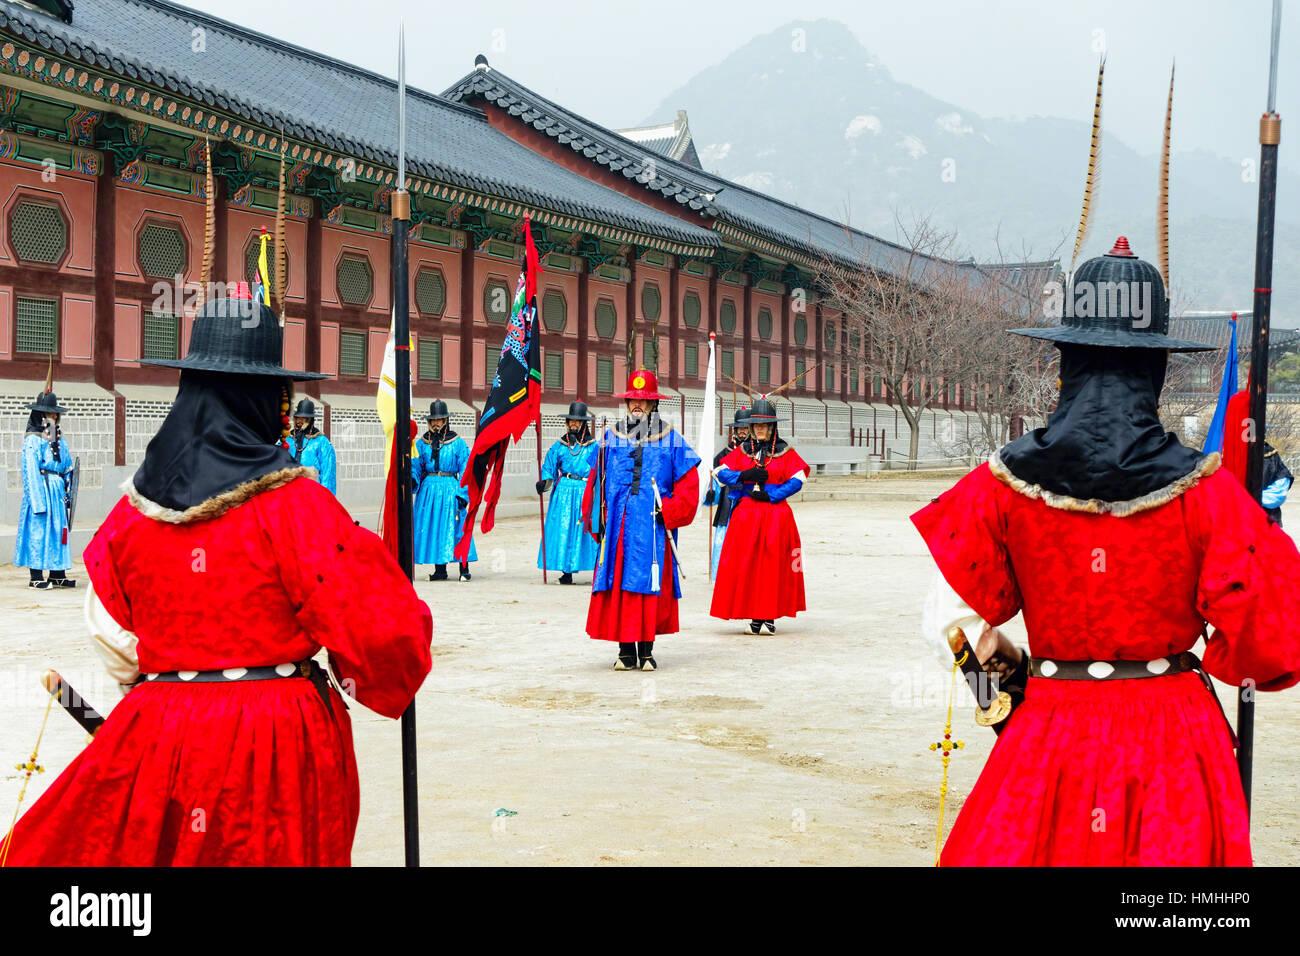 Cambio della guardia reale cerimonia, il Palazzo Gyeongbokgung, Seoul, Corea del Sud Immagini Stock